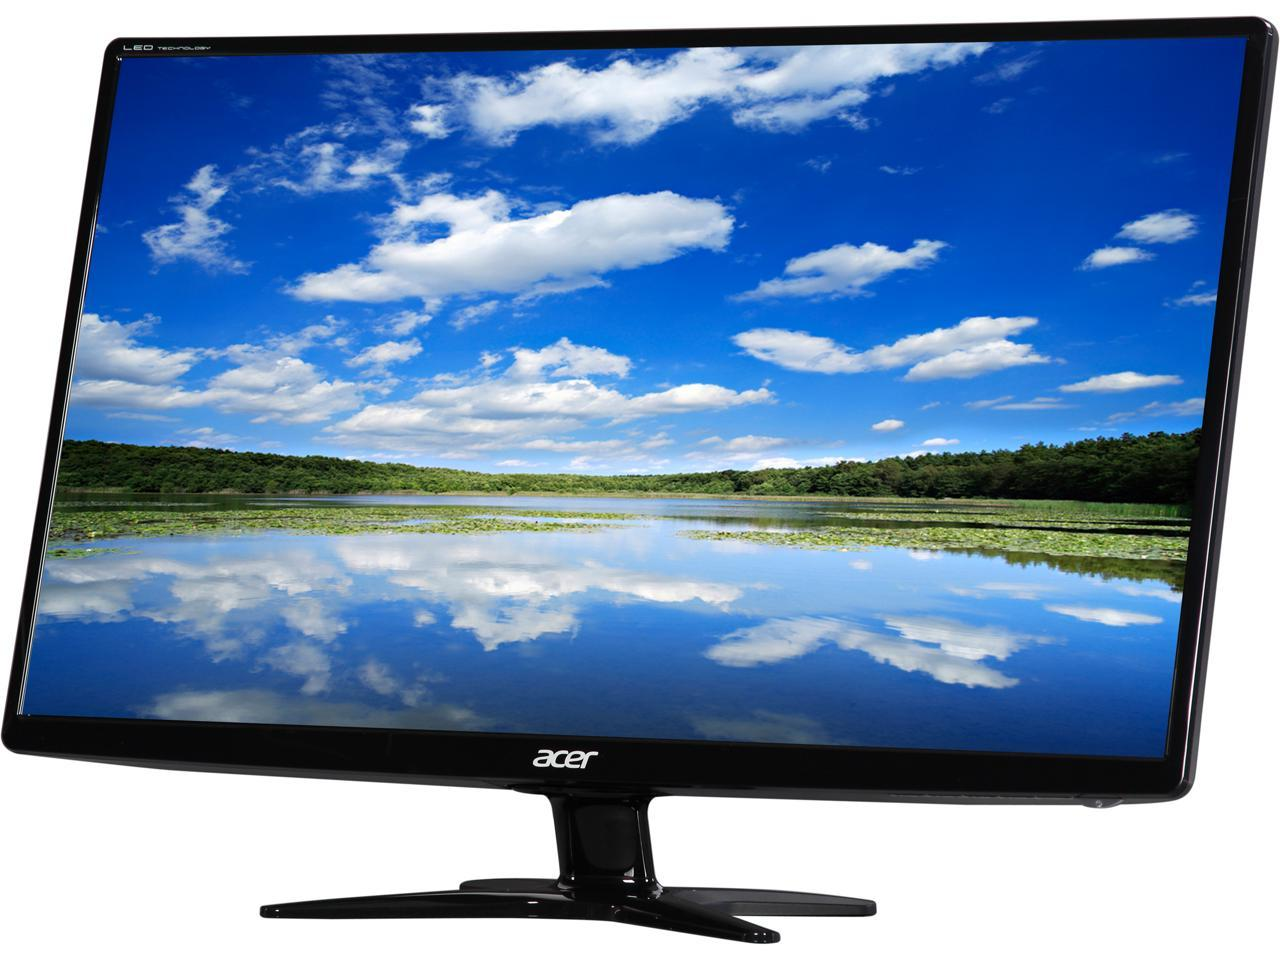 Monitors,Newegg.com